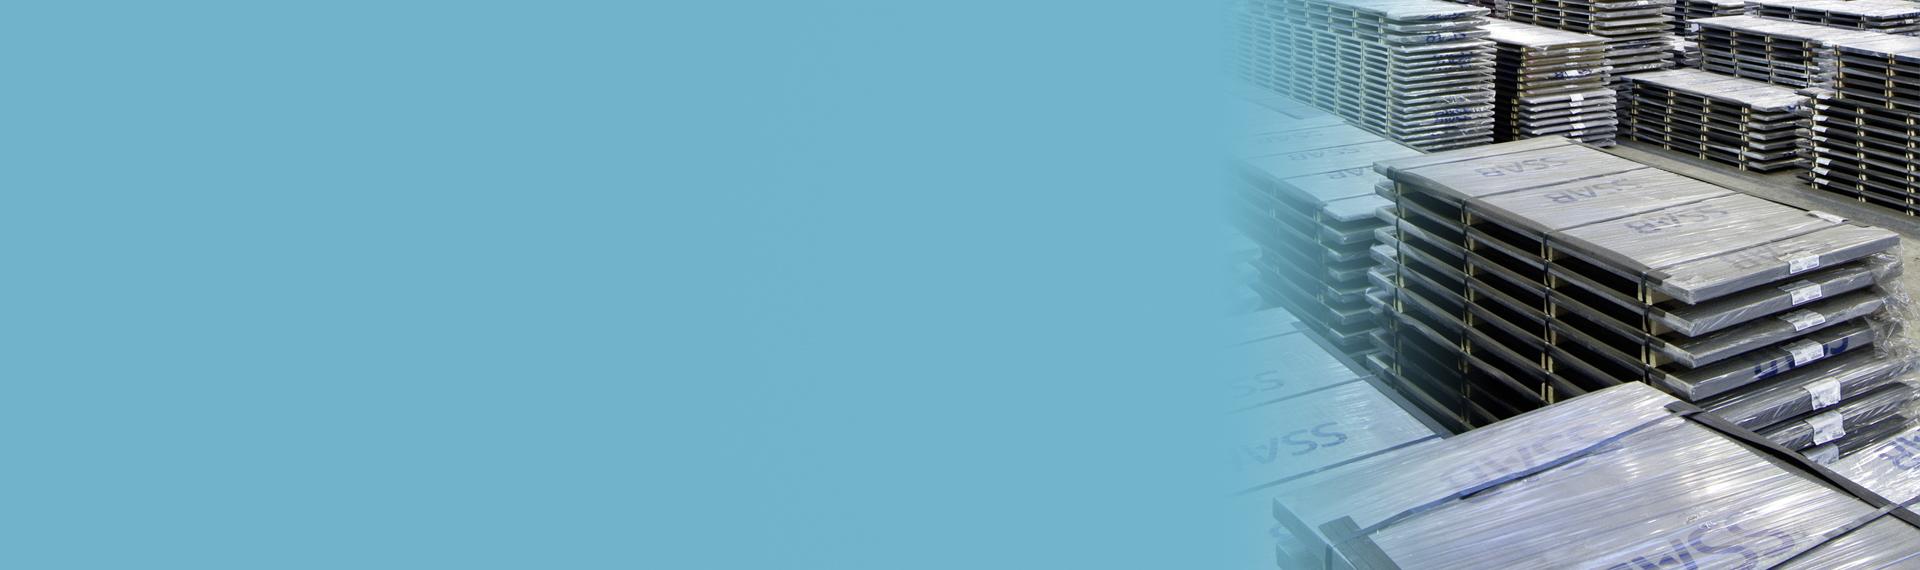 Brett produktsortiment för dina behov – SSABs lager